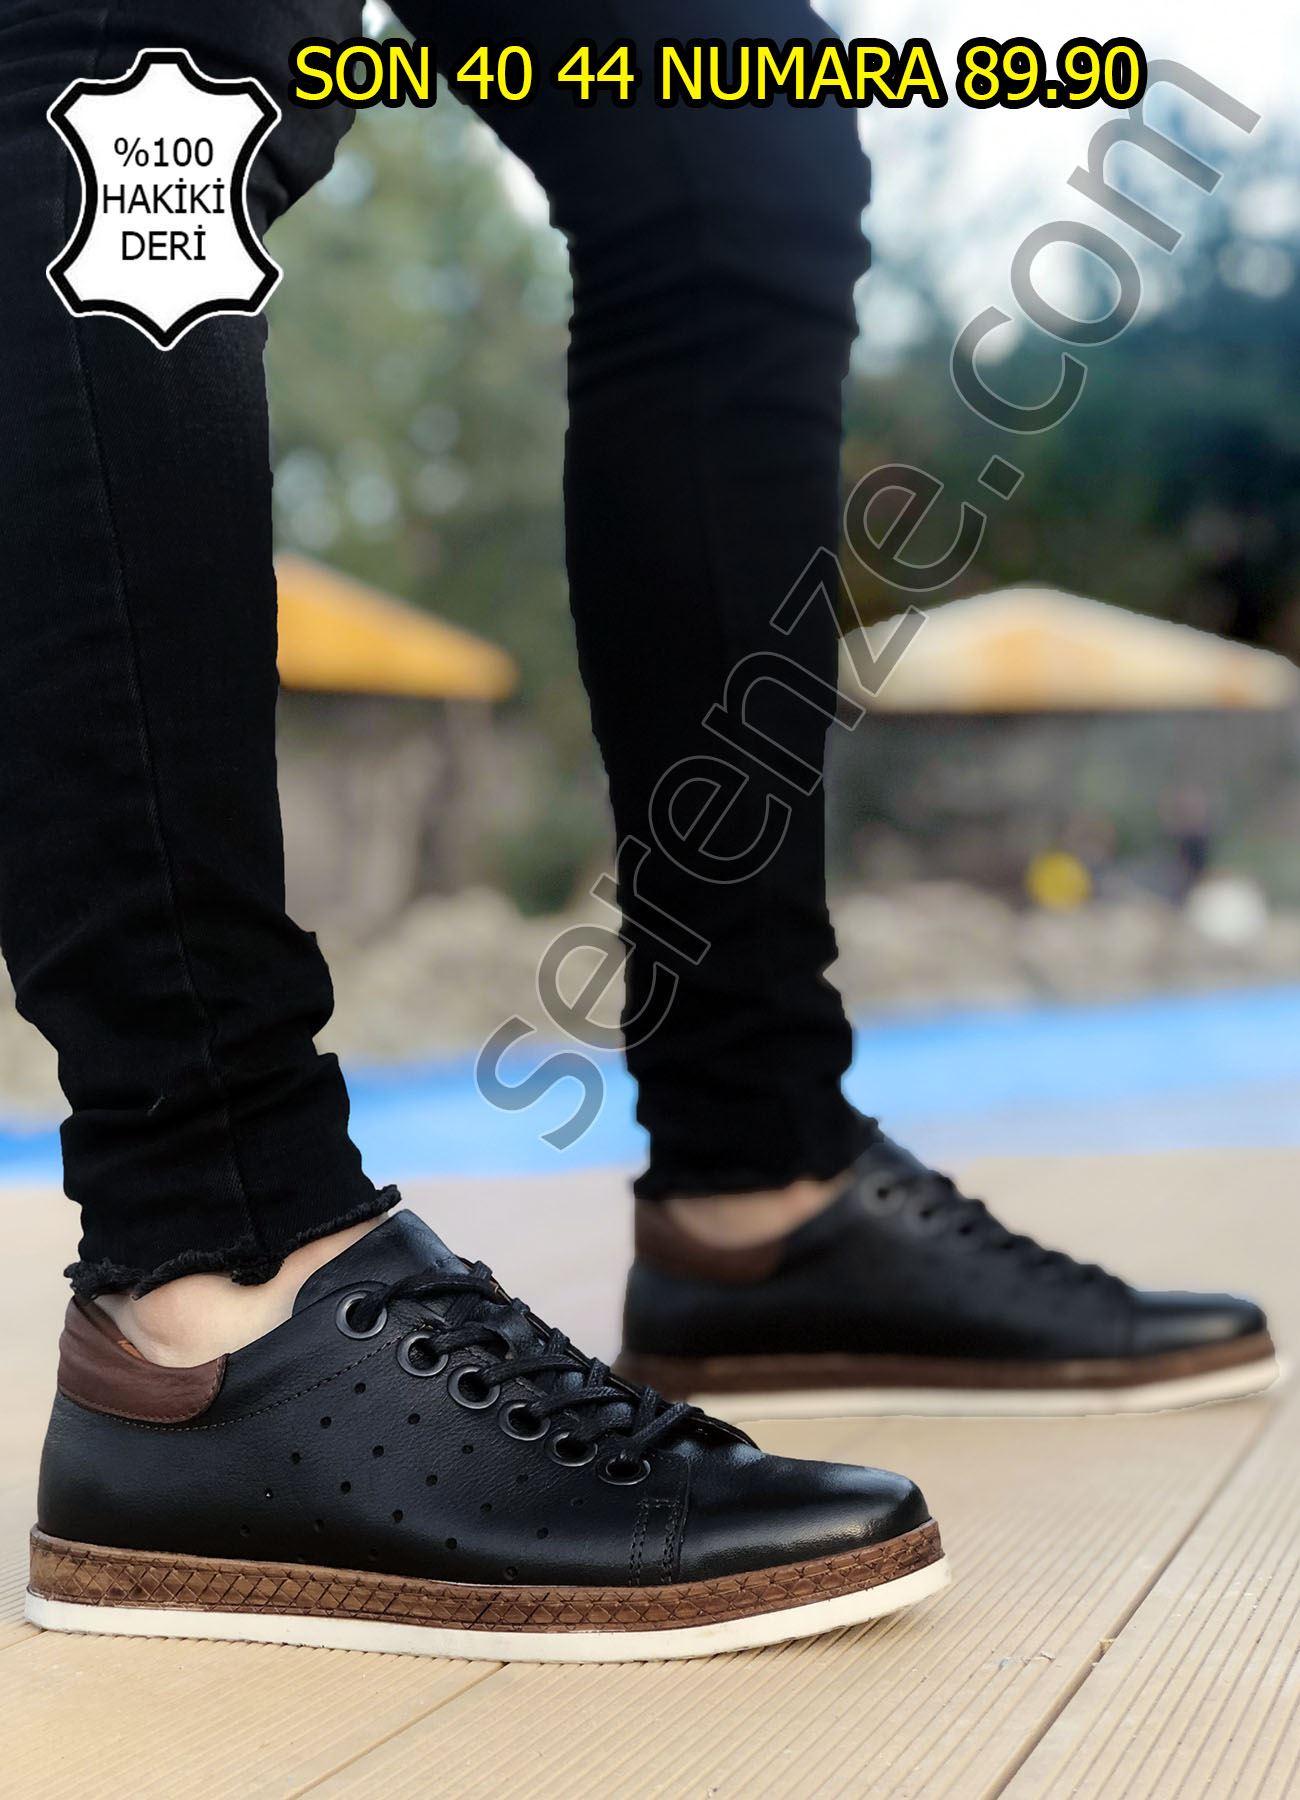 Siyah Hakiki Deri Hasır Taban Erkek Klasik Ayakkabı